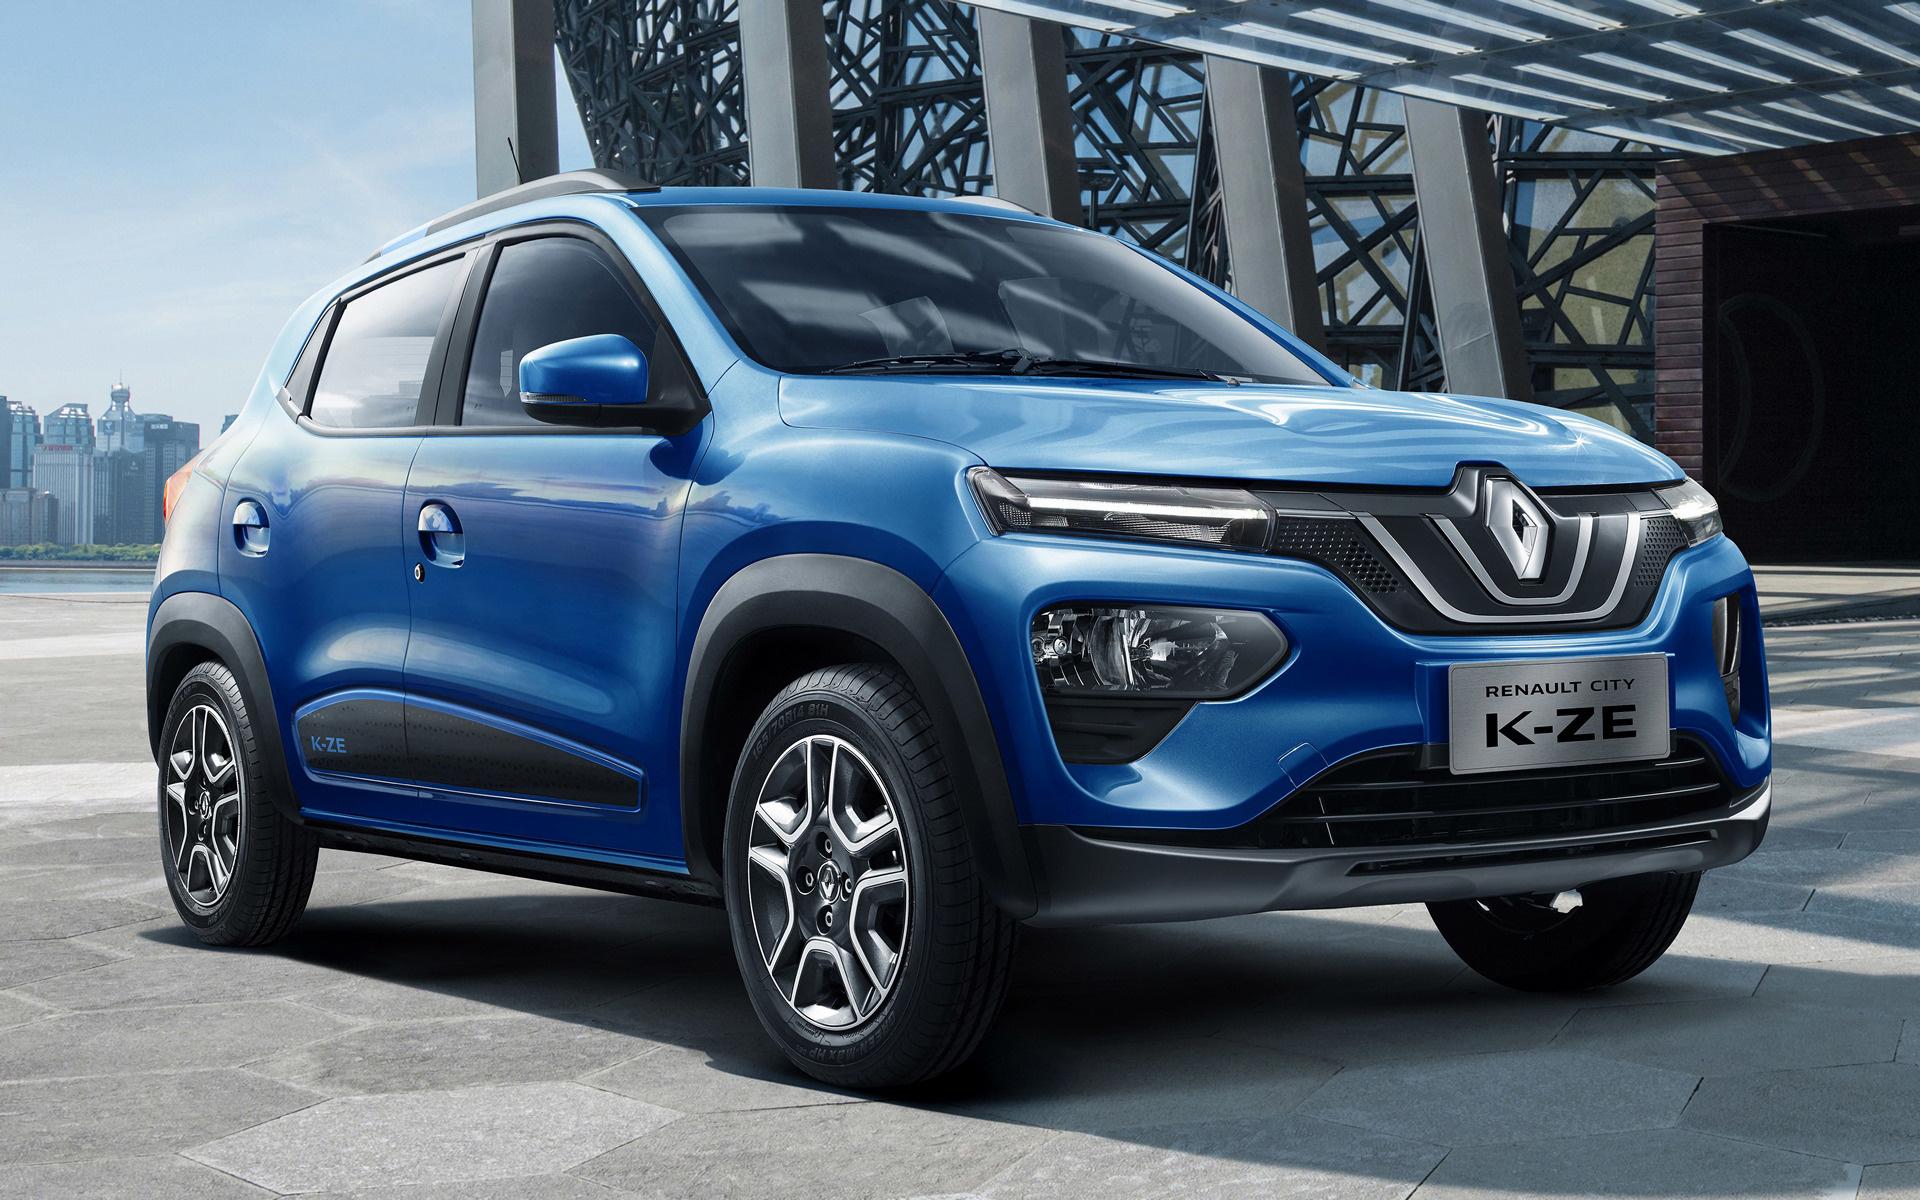 Renault City K Ze China